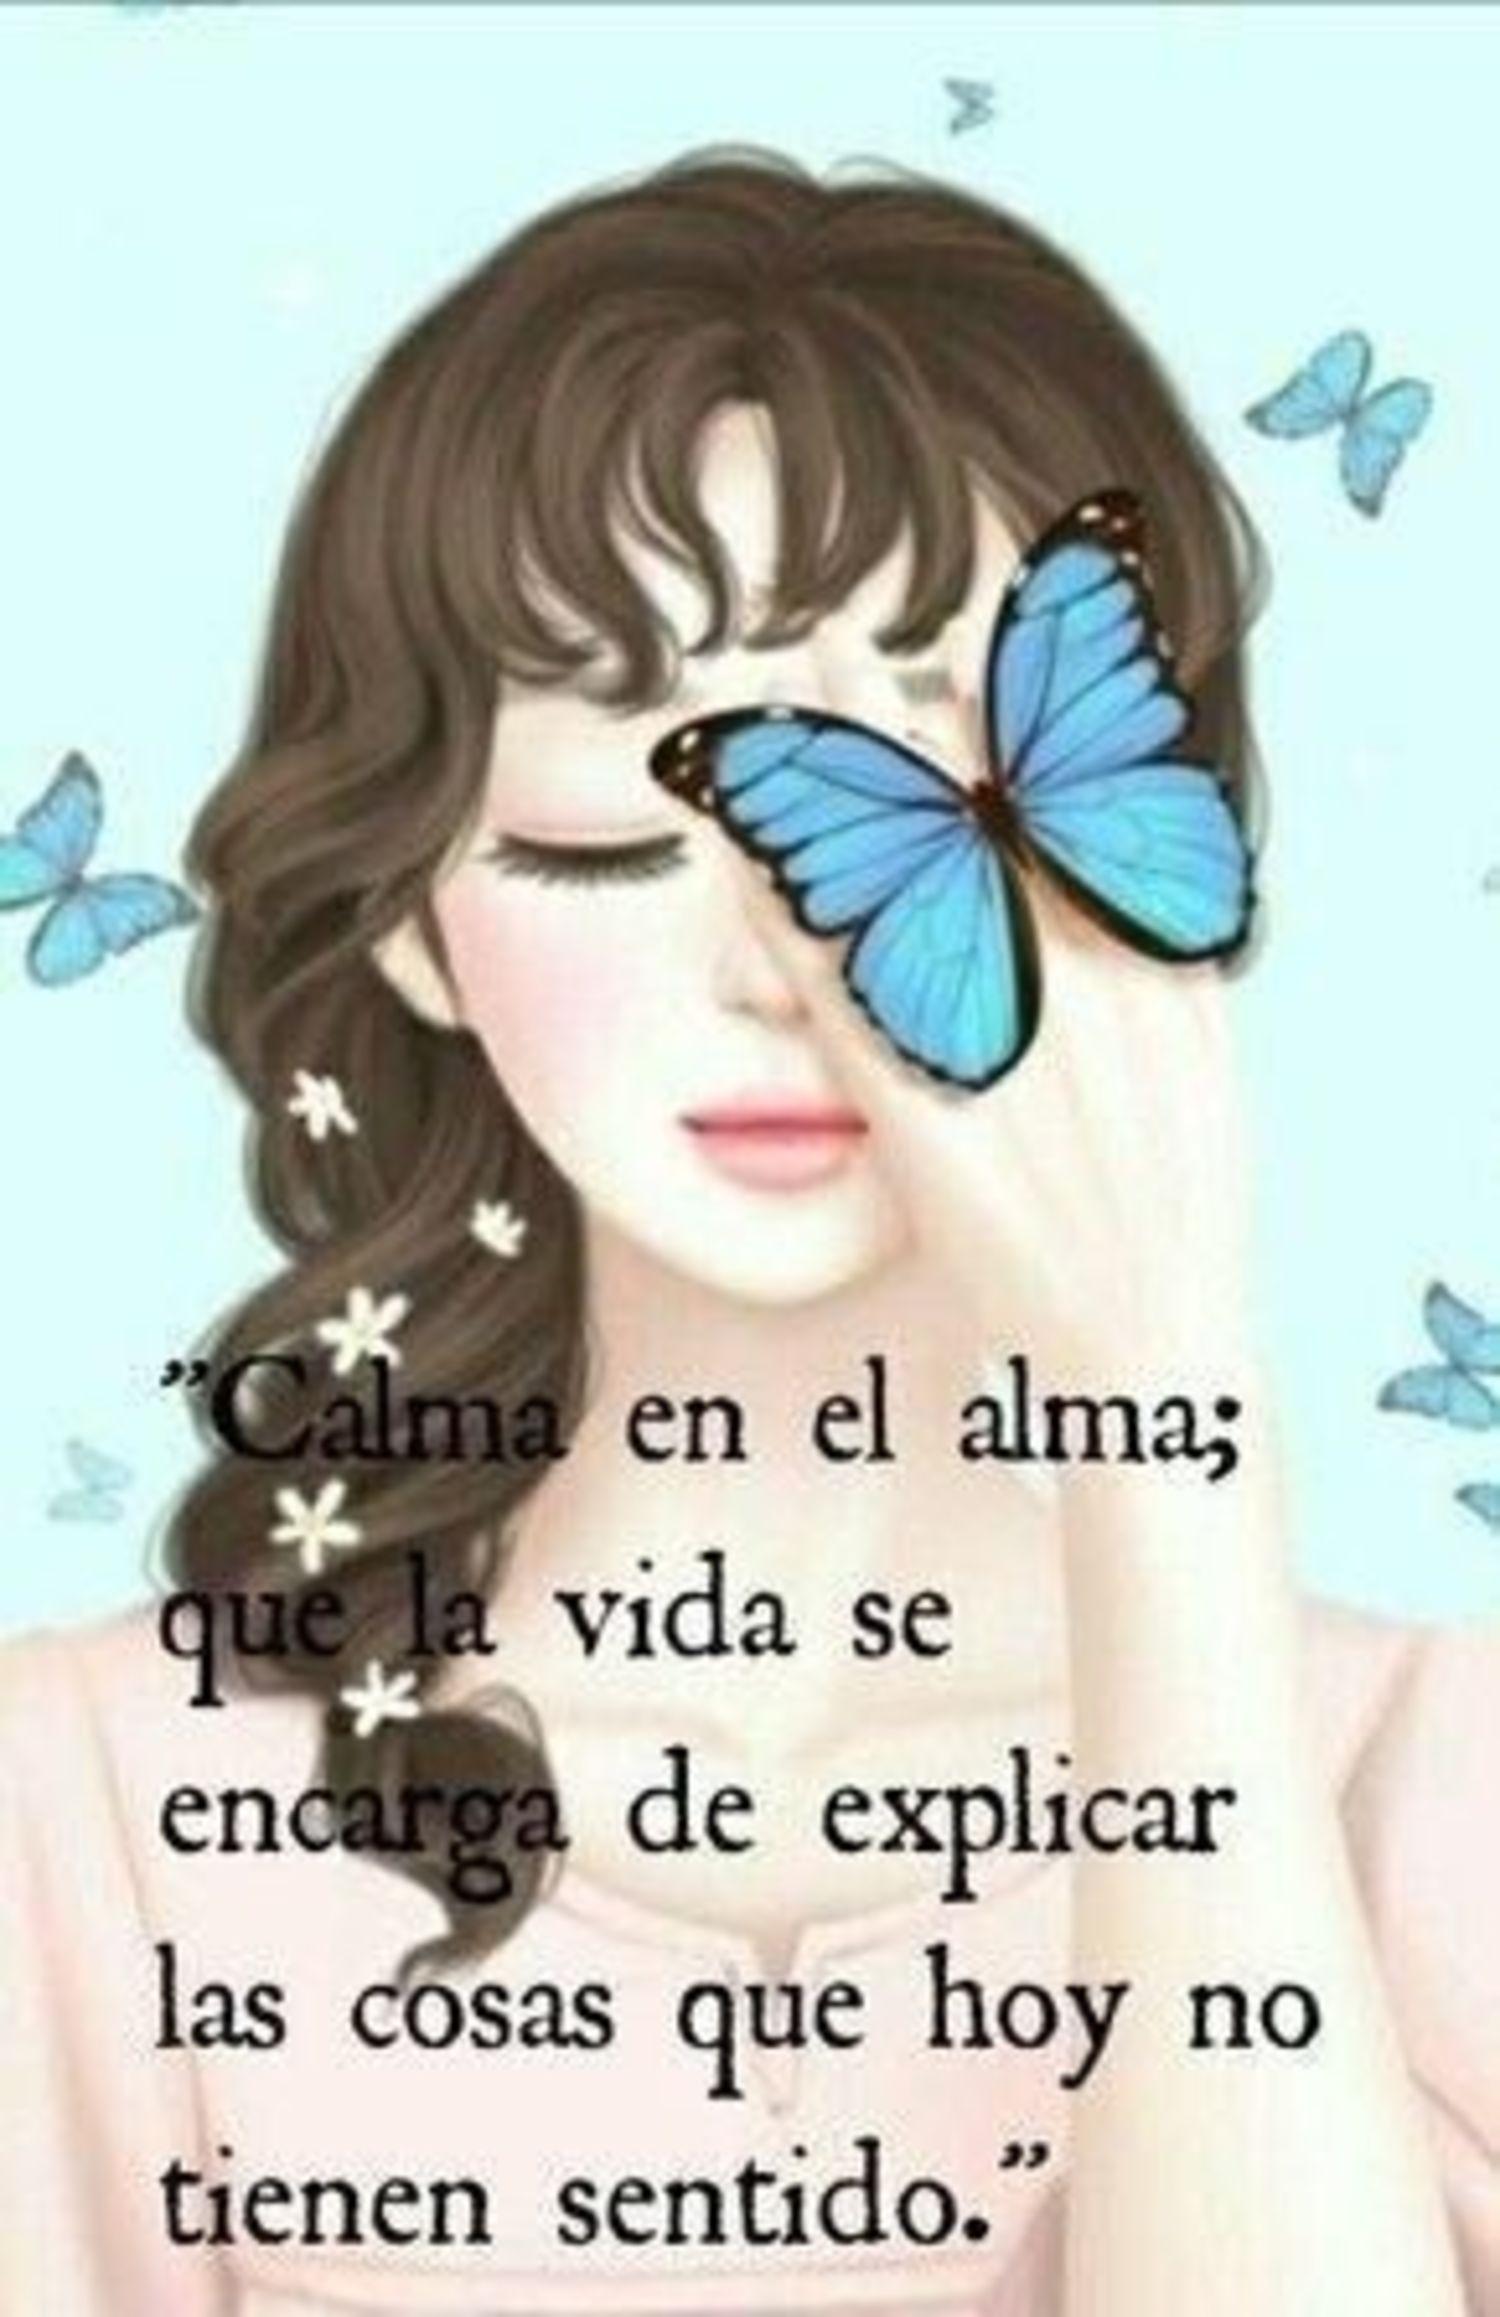 Calma en el alma, que la vida se encarga de explicar las cosas que hoy no tienen sentido